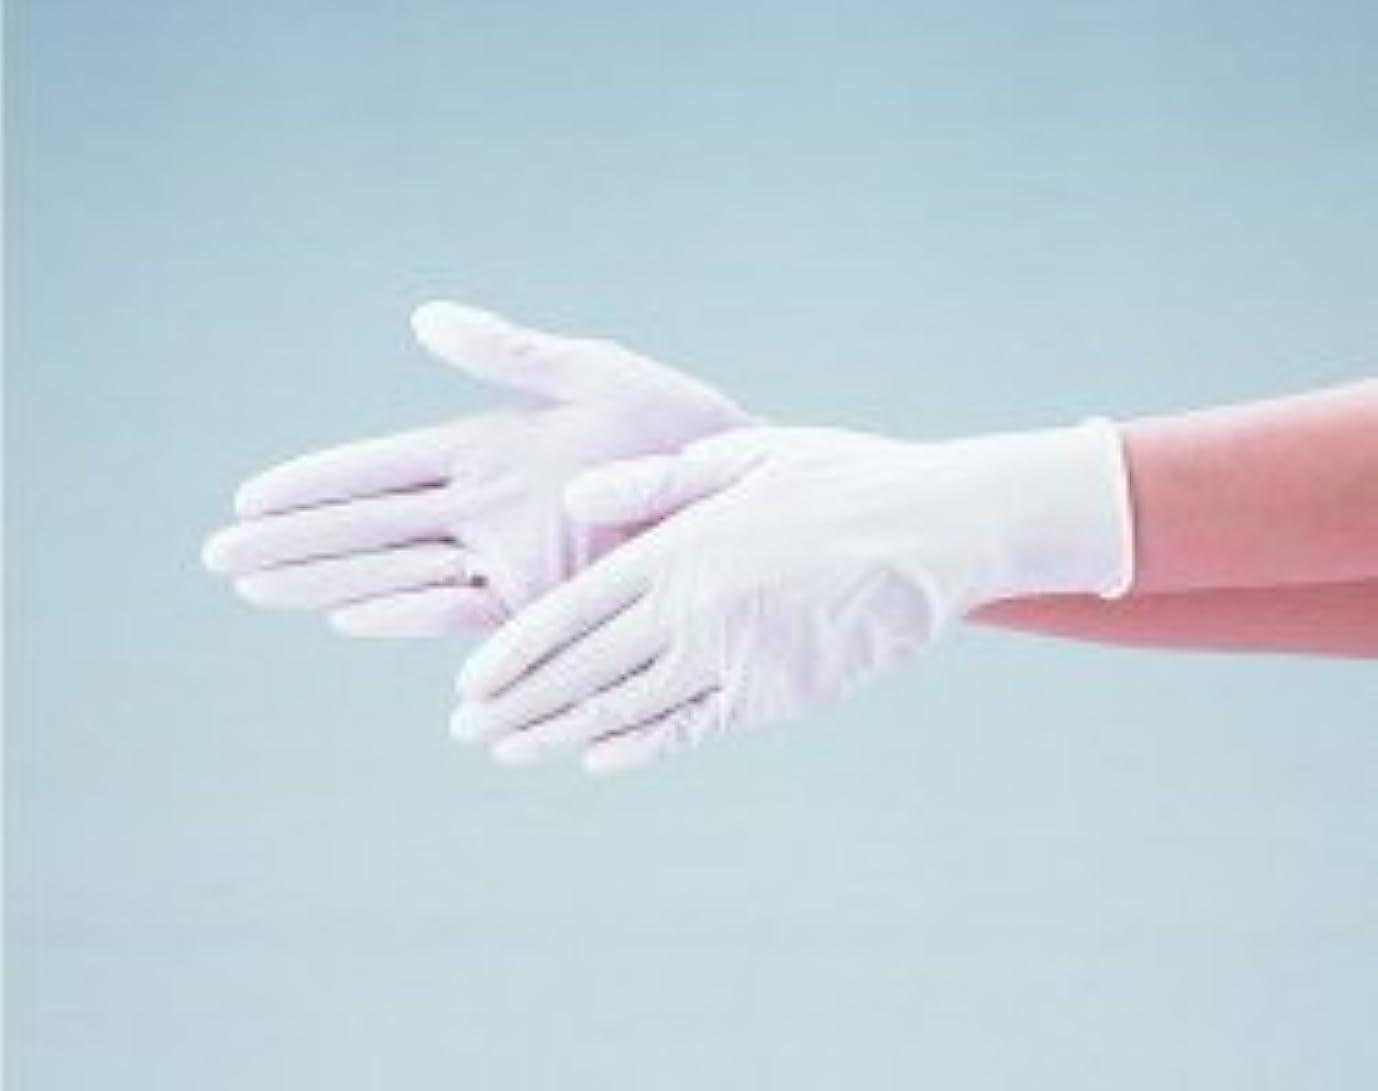 エブノ ニトリル手袋 No.525 M 白 (100枚入×20箱) ディスポニトリル パウダーフリー ホワイト